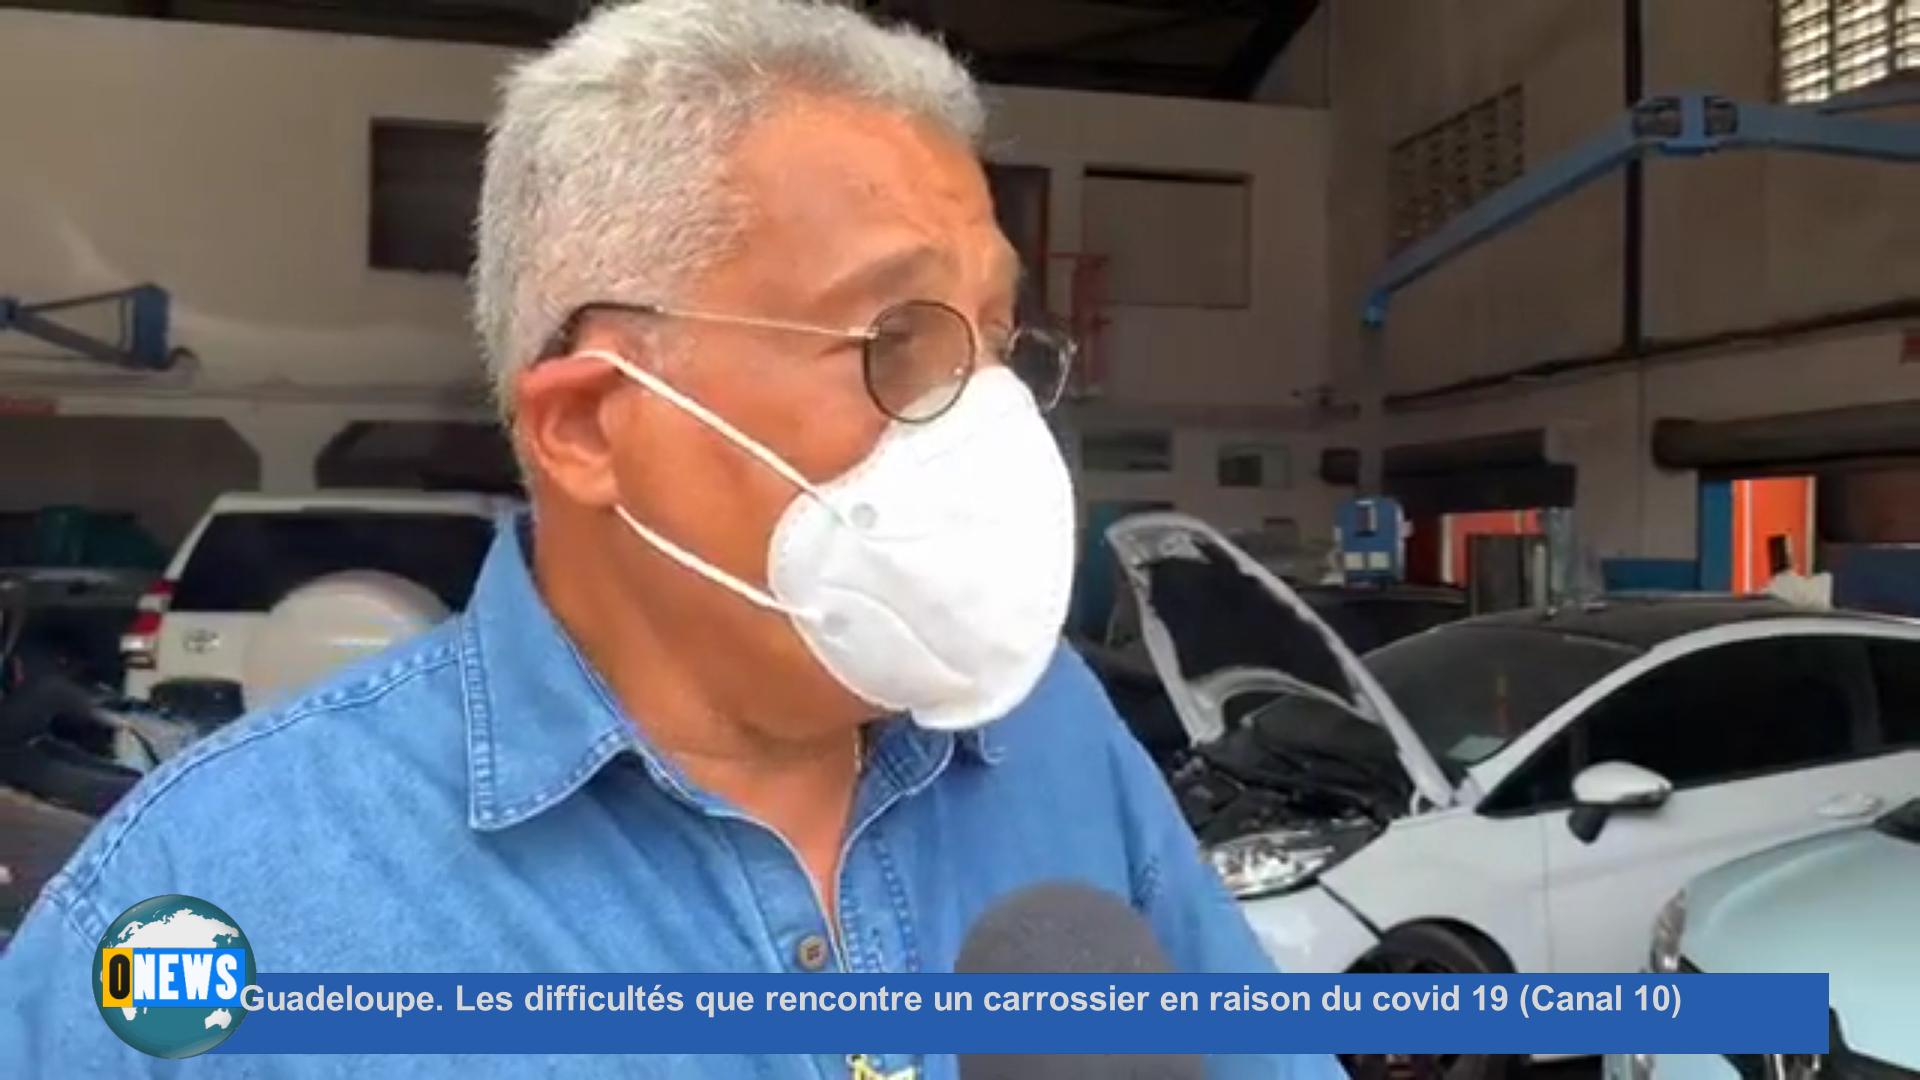 [Vidéo] Guadeloupe. Les difficultés que rencontre un carrossier en raison du covid 19 (Canal 10)